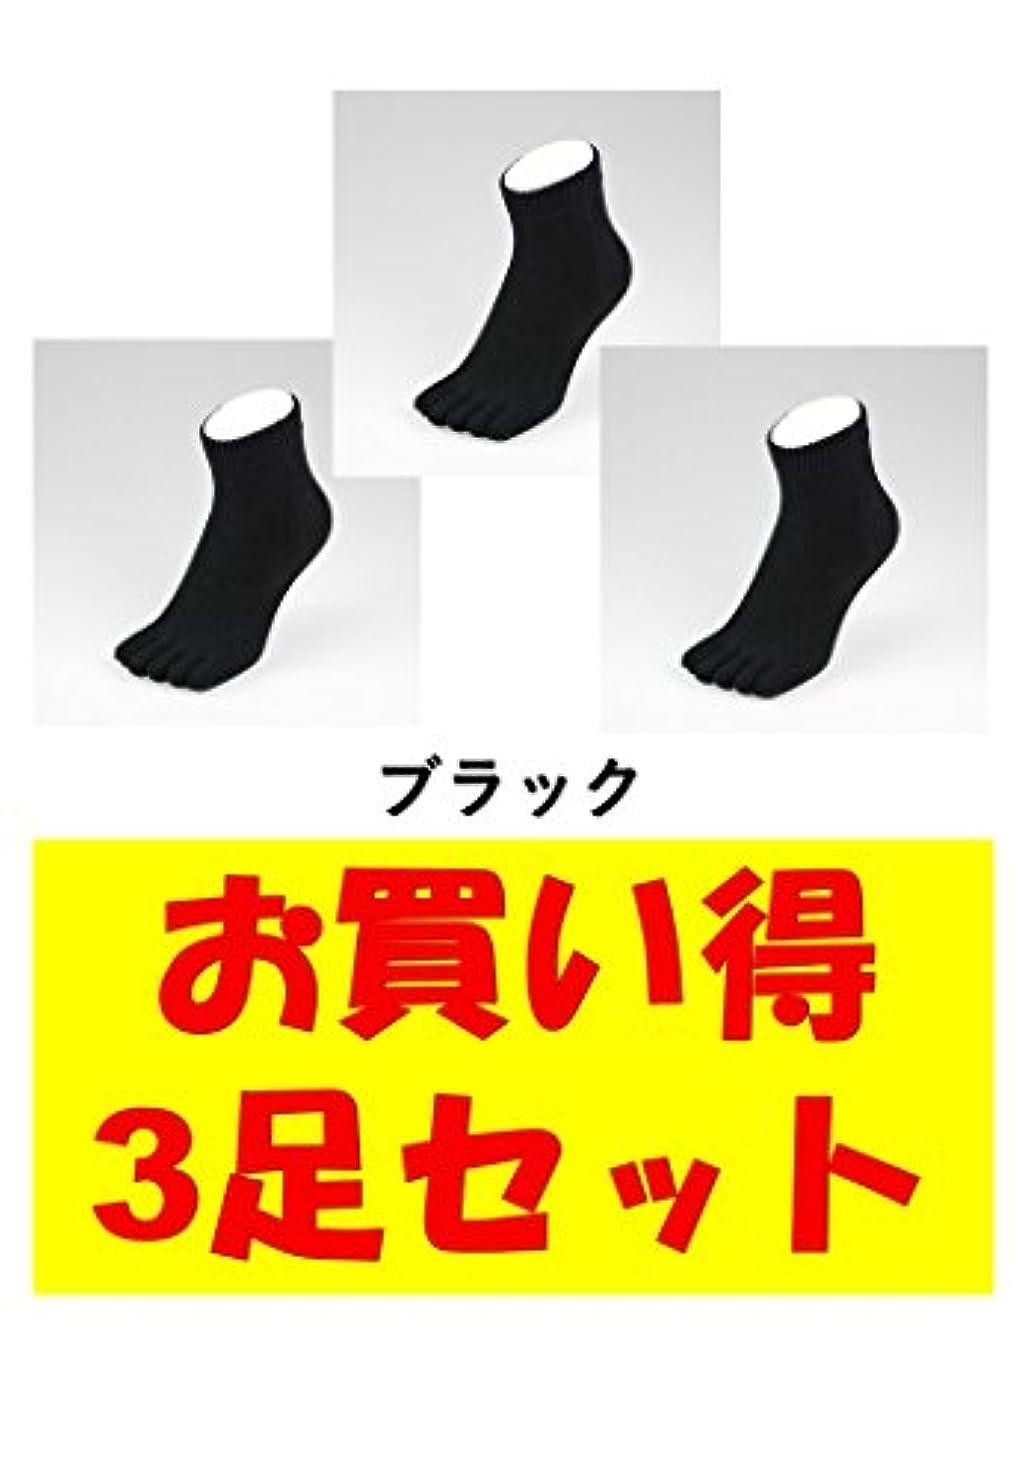 ワイヤー徒歩で明るいお買い得3足セット 5本指 ゆびのばソックス Neo EVE(イヴ) ブラック iサイズ(23.5cm - 25.5cm) YSNEVE-BLK